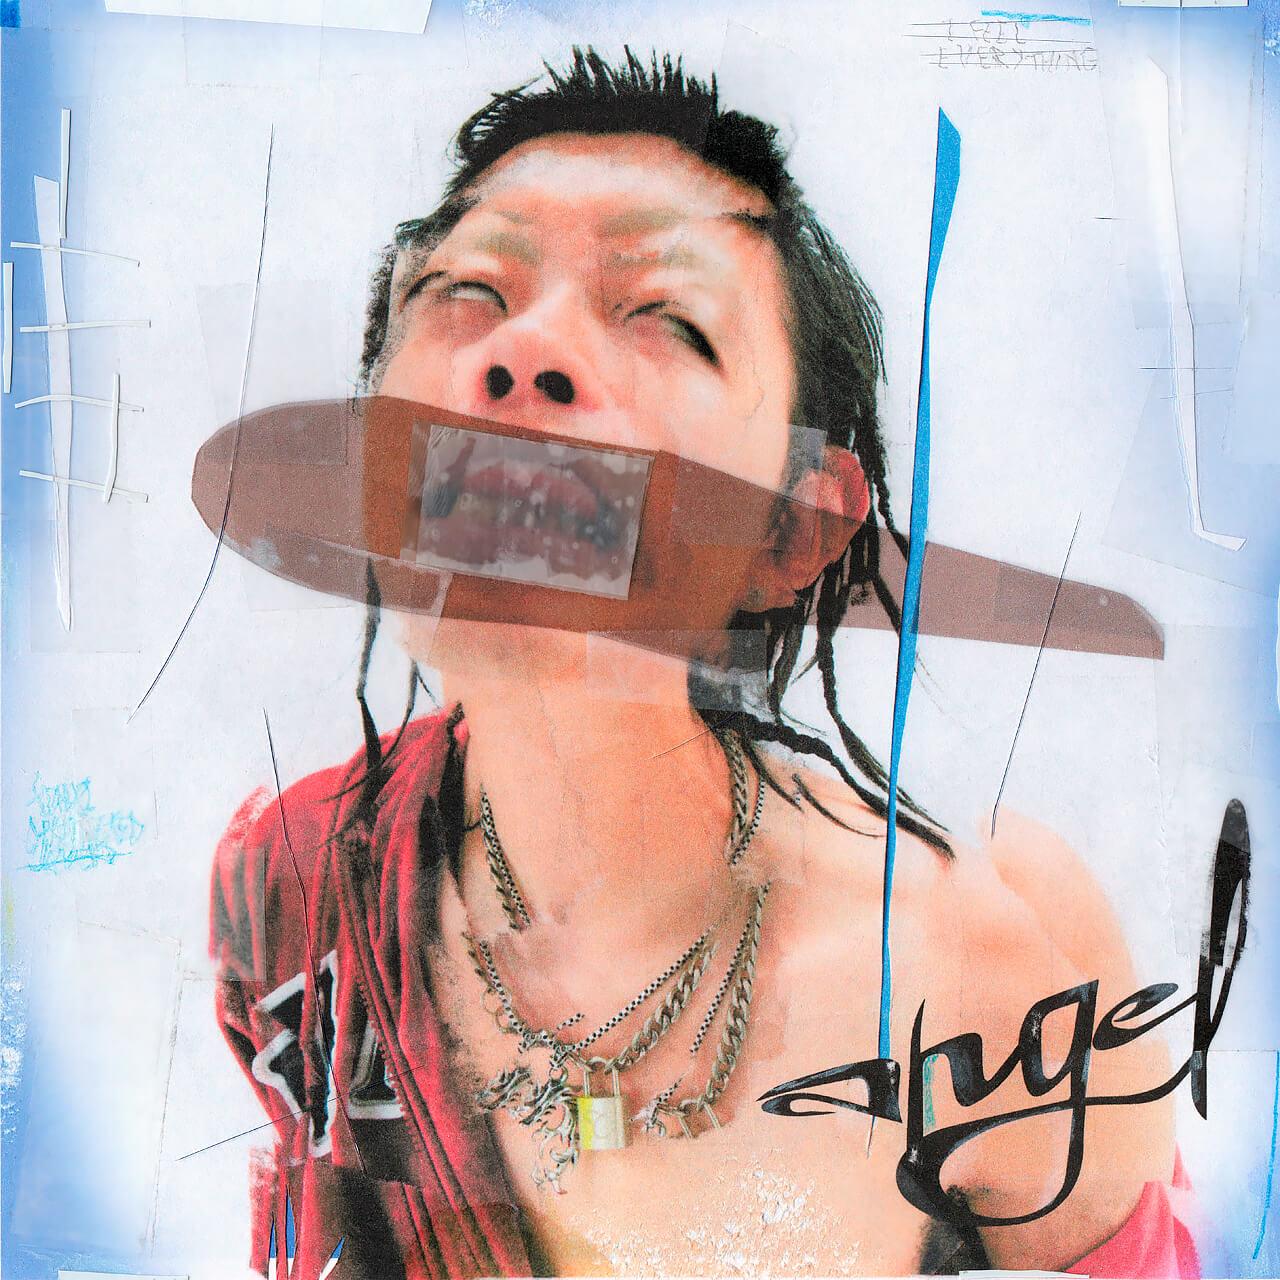 リリパ抽選に2,000人以上の応募が集まったTohji、最新作『angel』から「Snowboarding」のMVが公開に|ALカバーを担当したAnton Revaがディレクションを担当 music190731-tohji-2